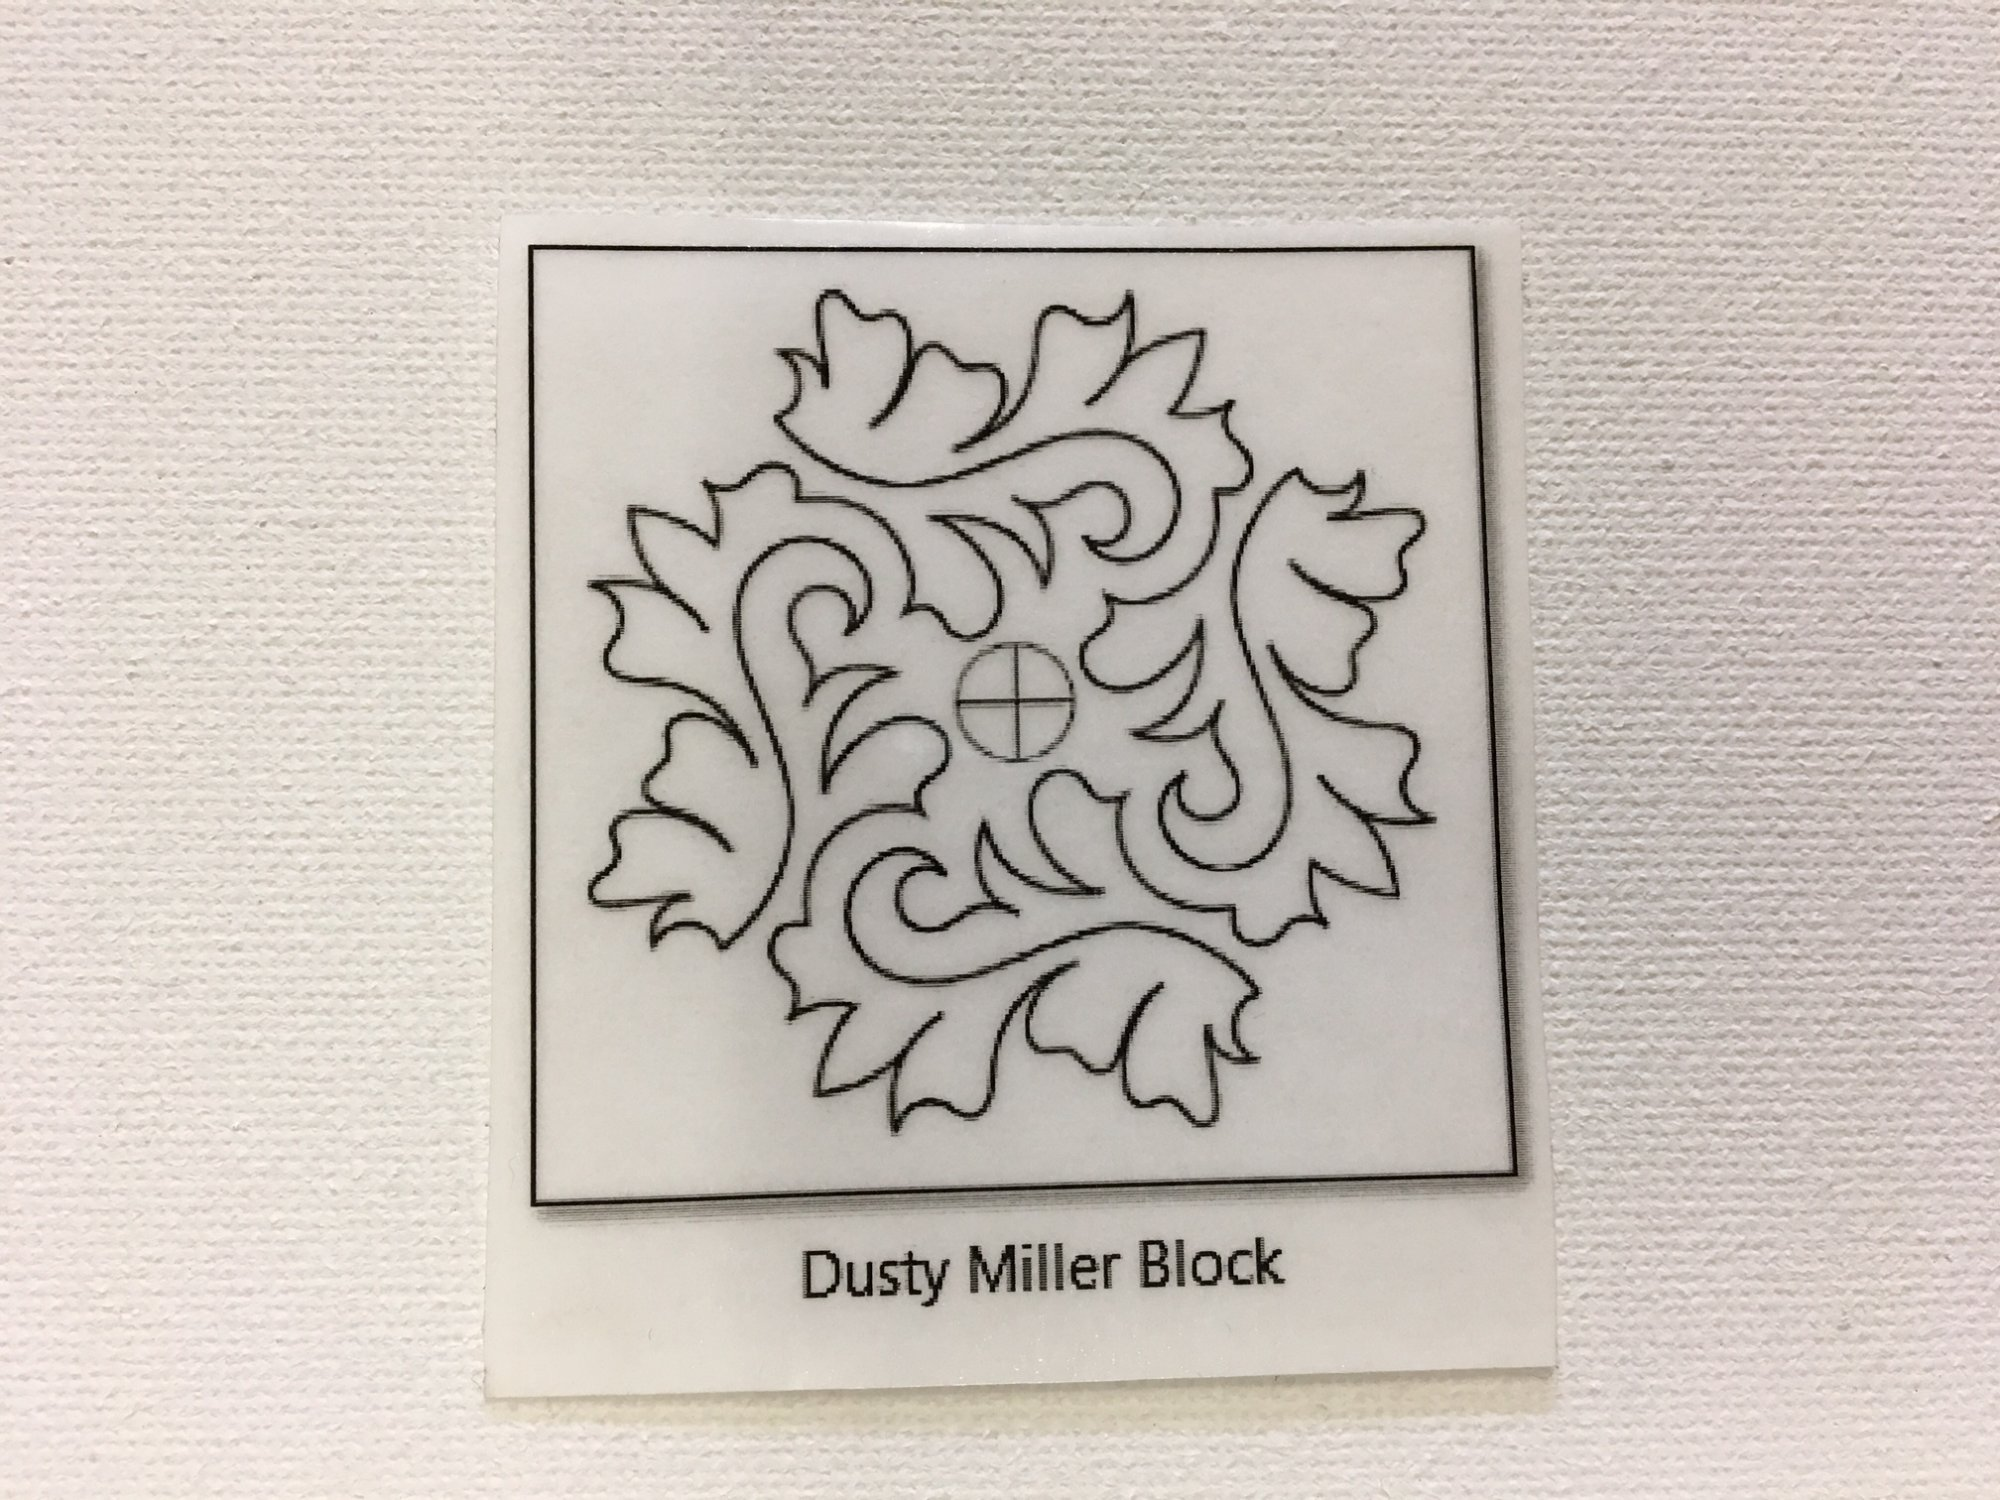 Dusty Miller Block #1